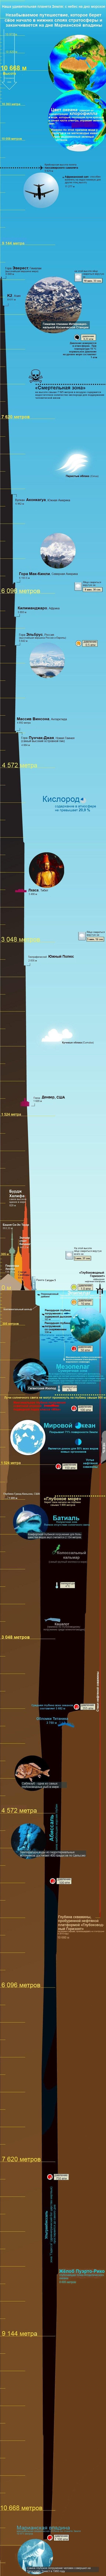 Инфографика: с небес на дно морское